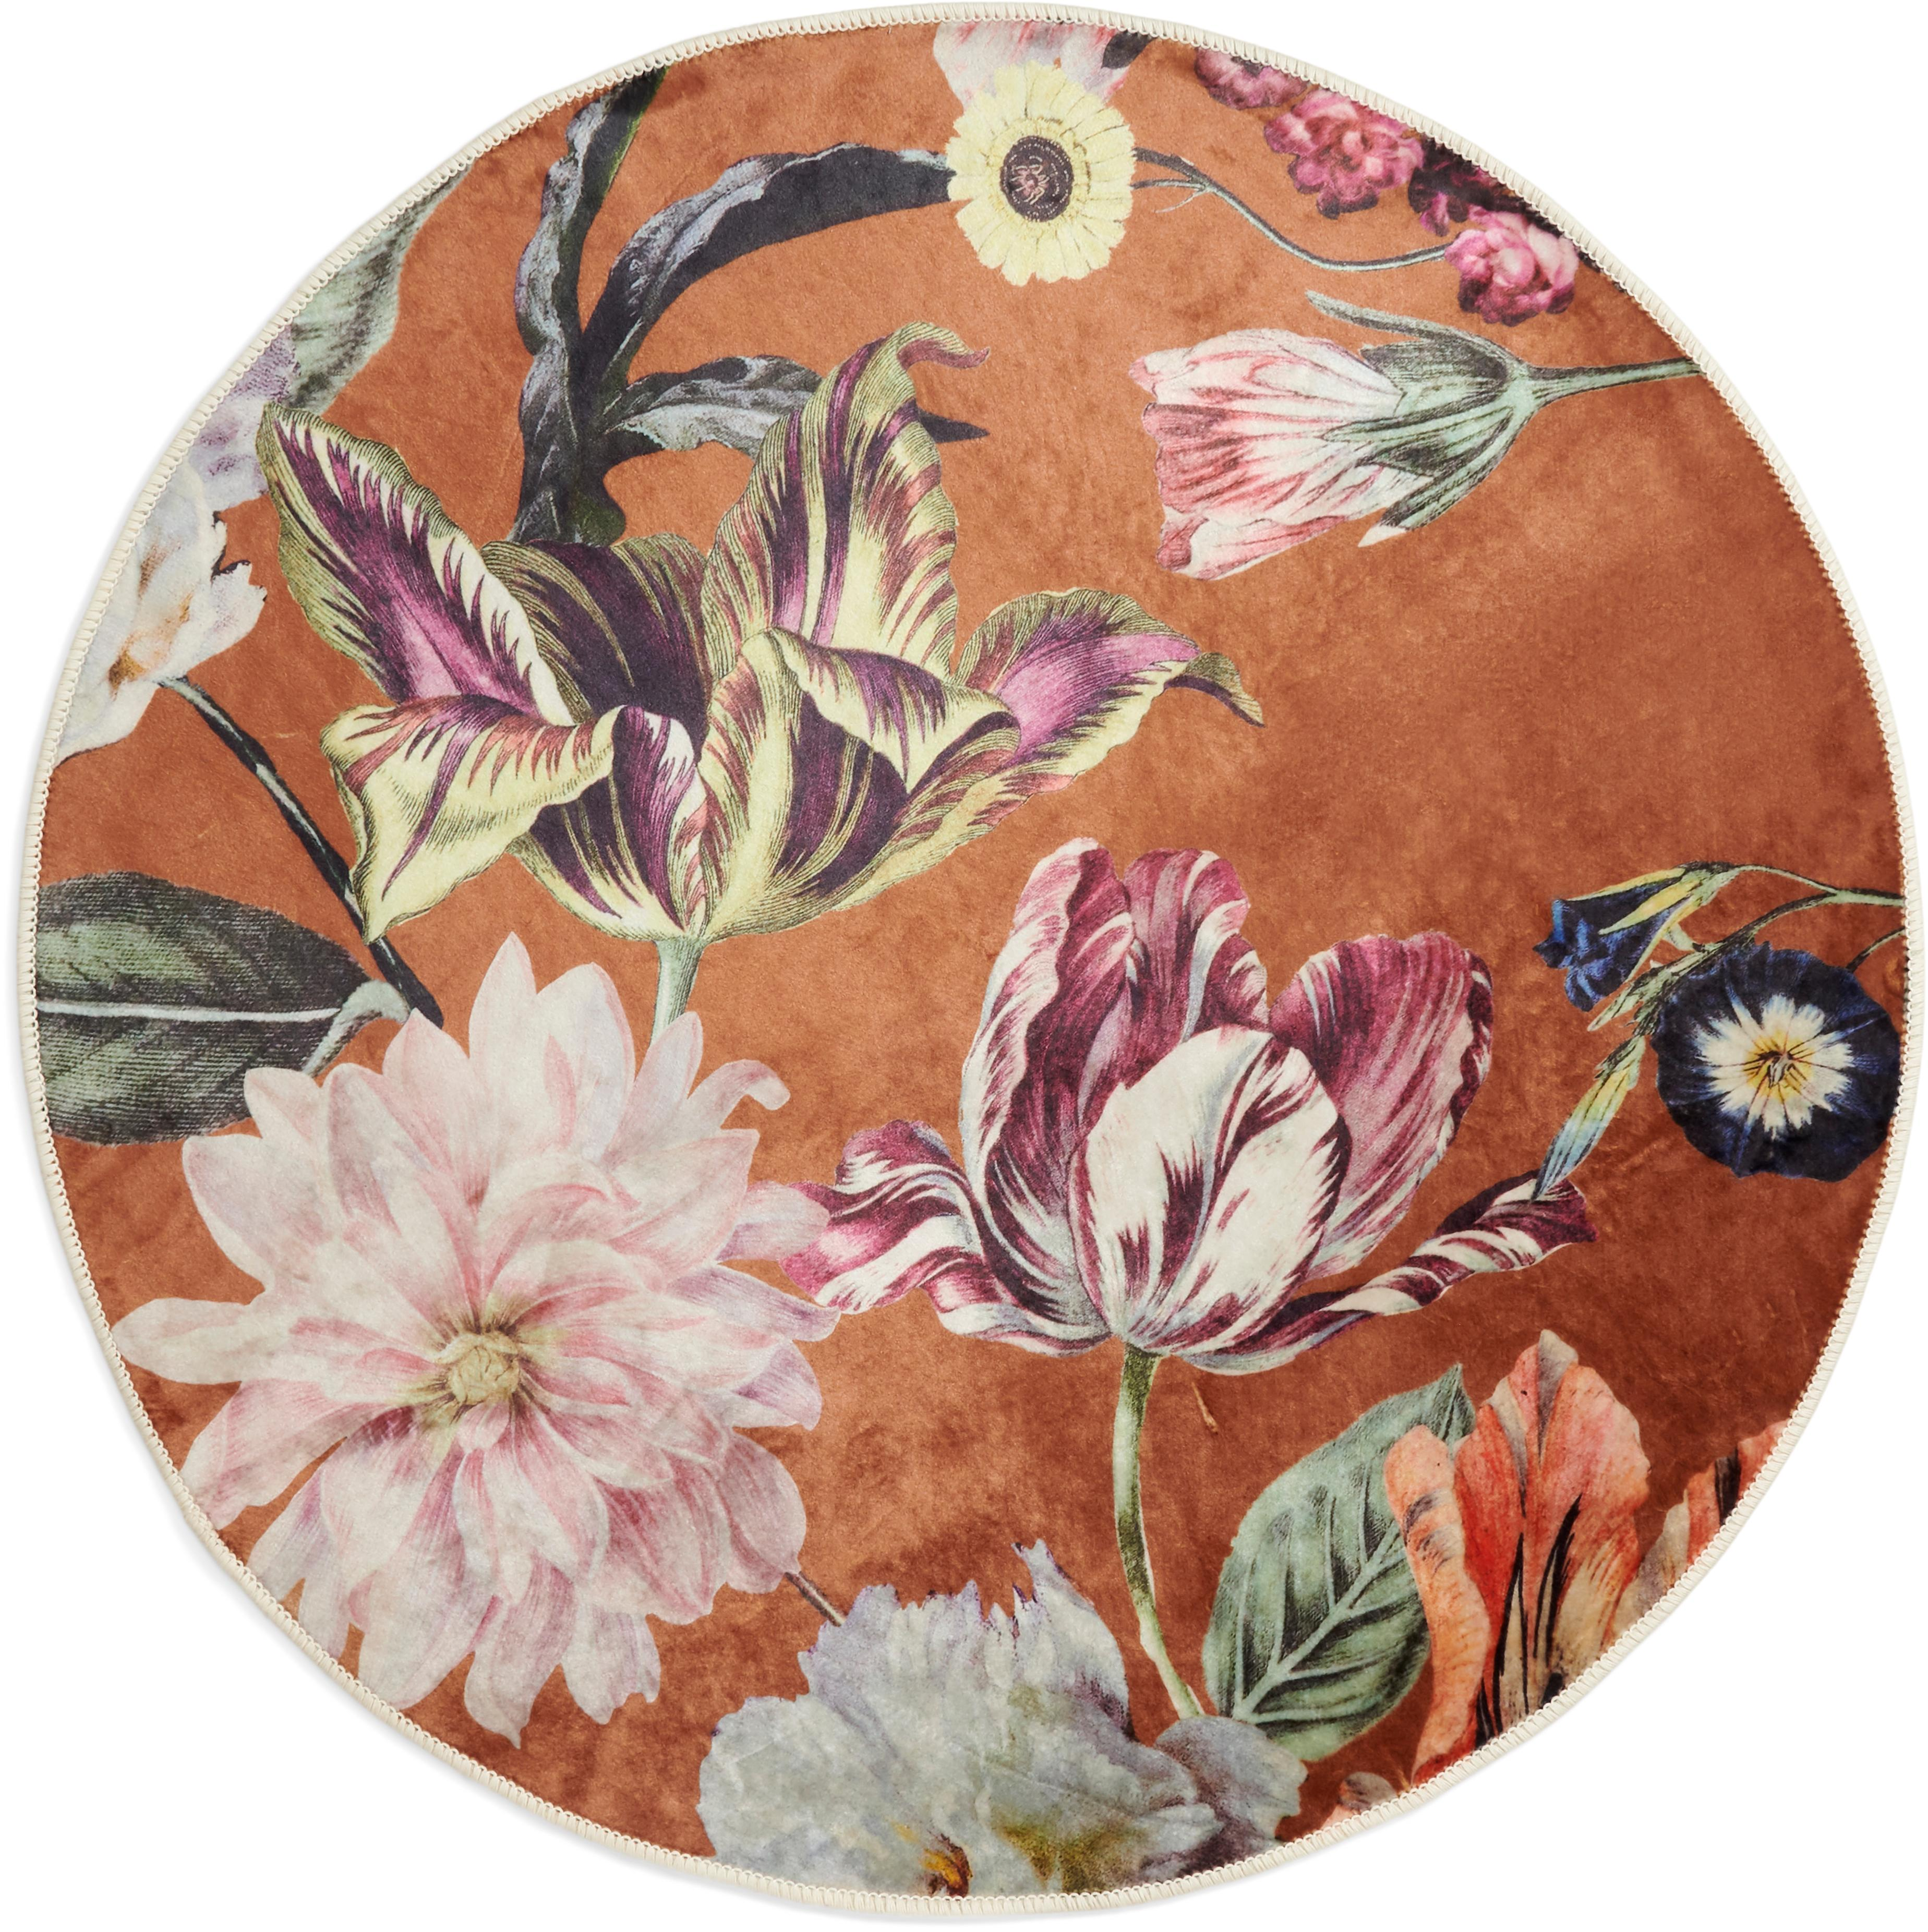 Rond vloerkleed Filou met bloemmotief, 60% polyester, 30% thermoplastisch polyurethaan, 10% katoen, Karamelbruin, multicolour, Ø 180 cm (maat L)